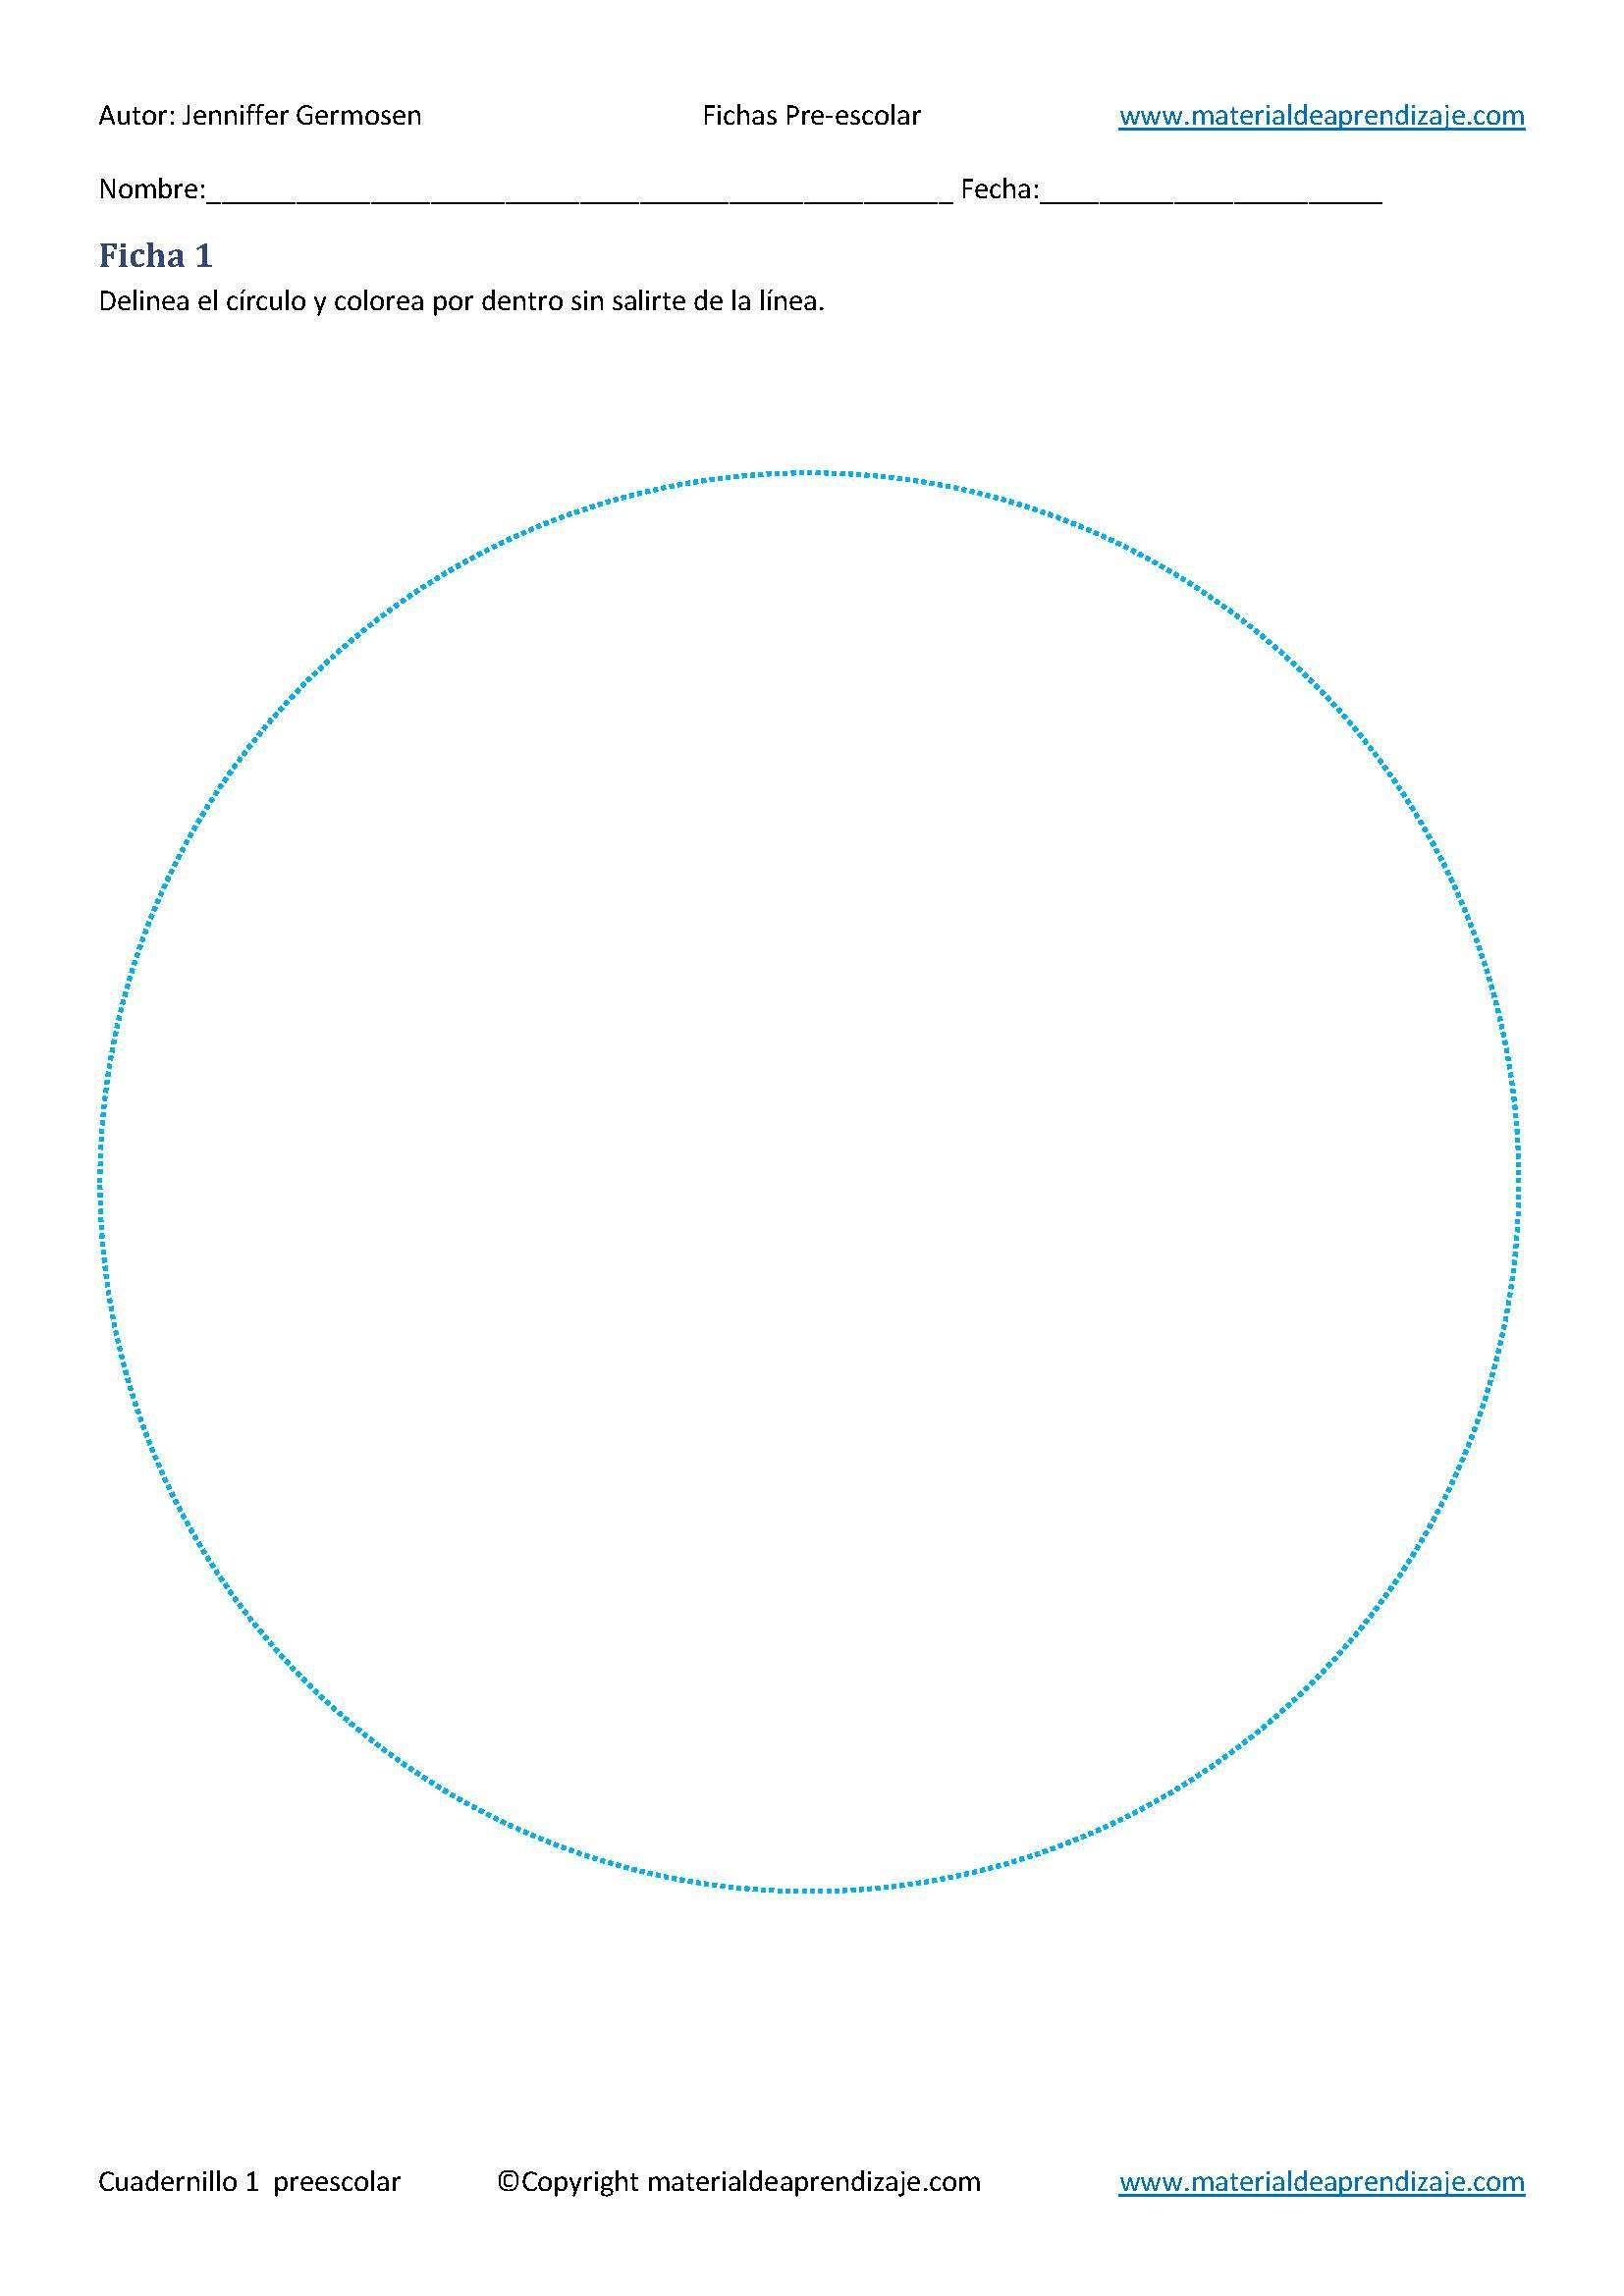 Delinea el círculo y colorea por dentro sin salirte de la línea ...